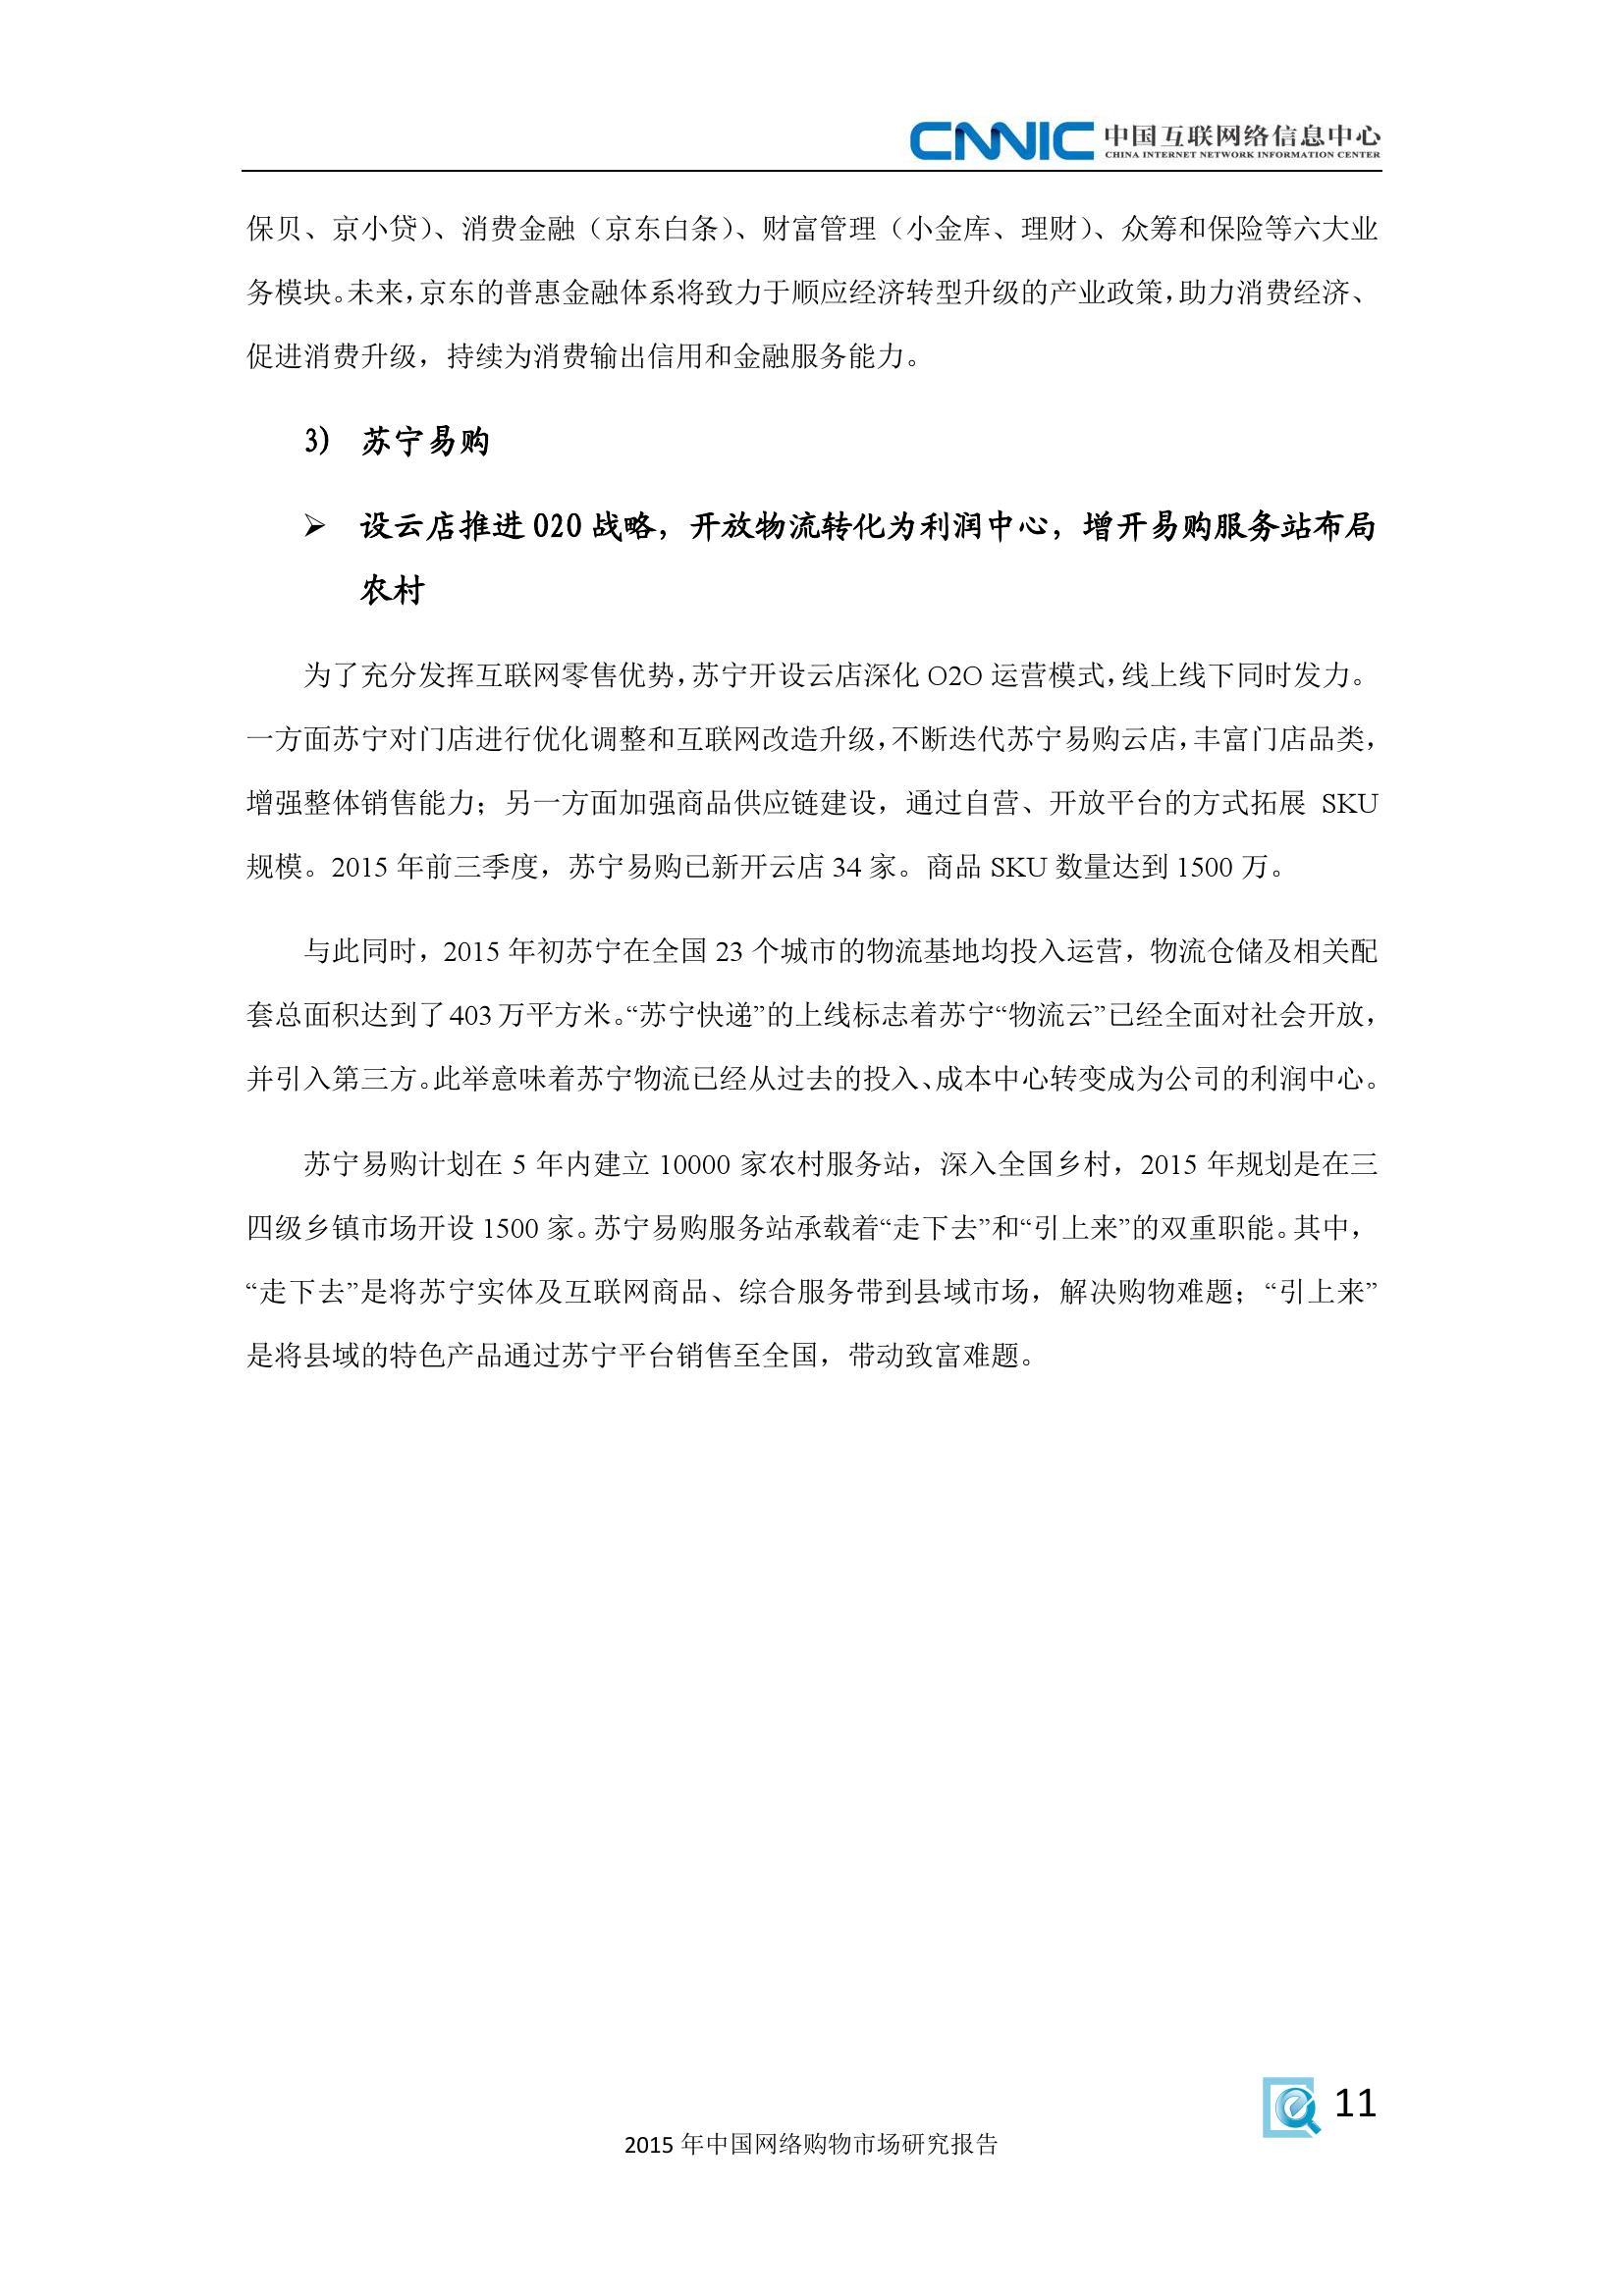 2015年中国网络购物市场研究报告_000019